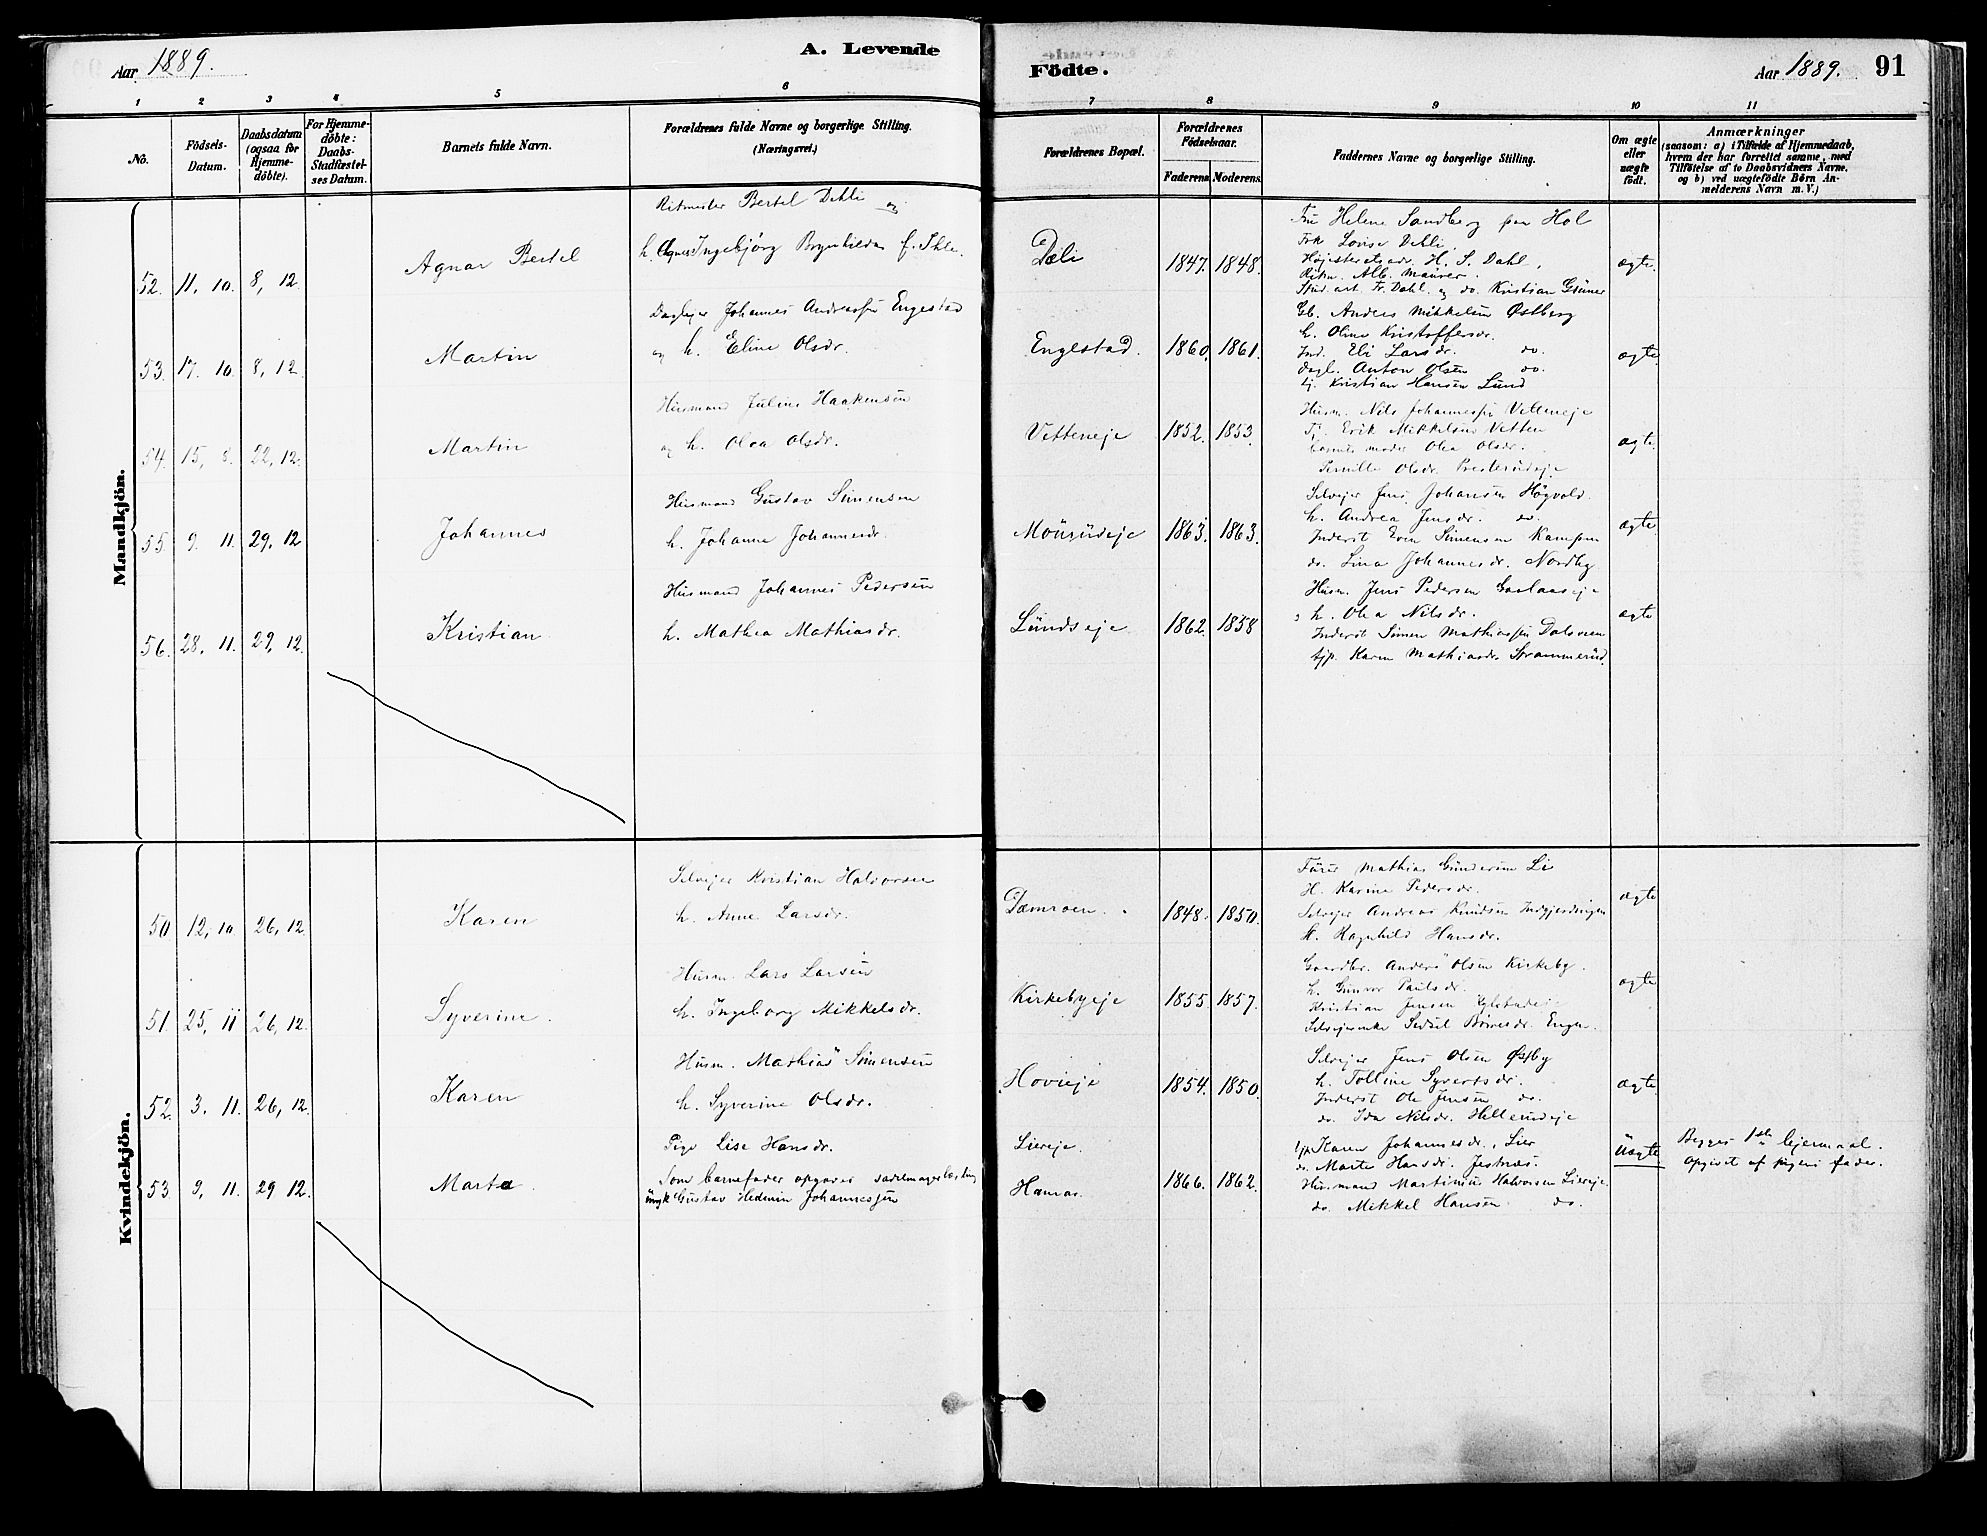 SAH, Vang prestekontor, Hedmark, H/Ha/Haa/L0018A: Ministerialbok nr. 18A, 1880-1906, s. 91